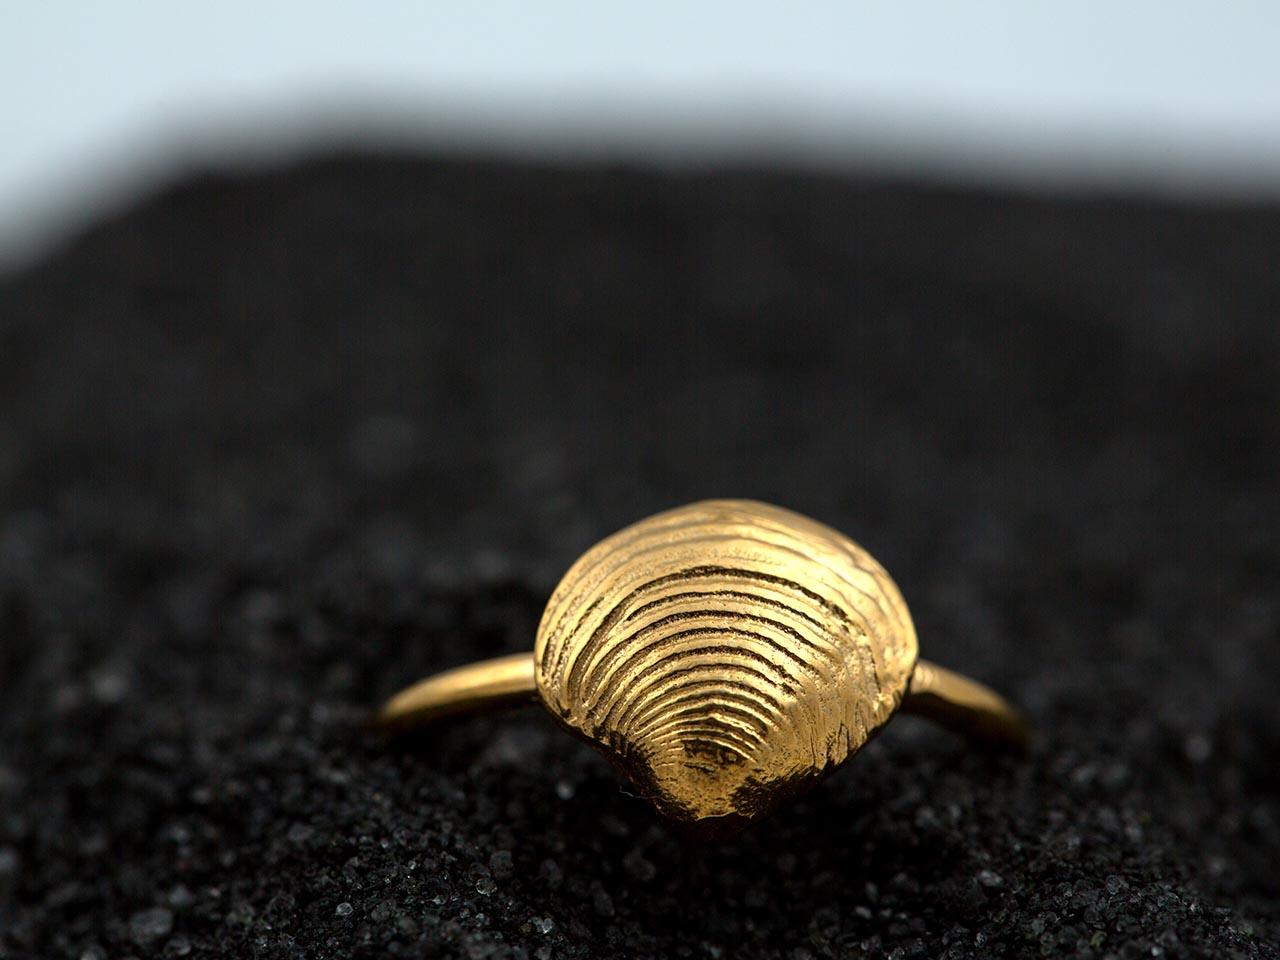 δαχτυλίδι κοχύλι αχιβάδα χρυσό